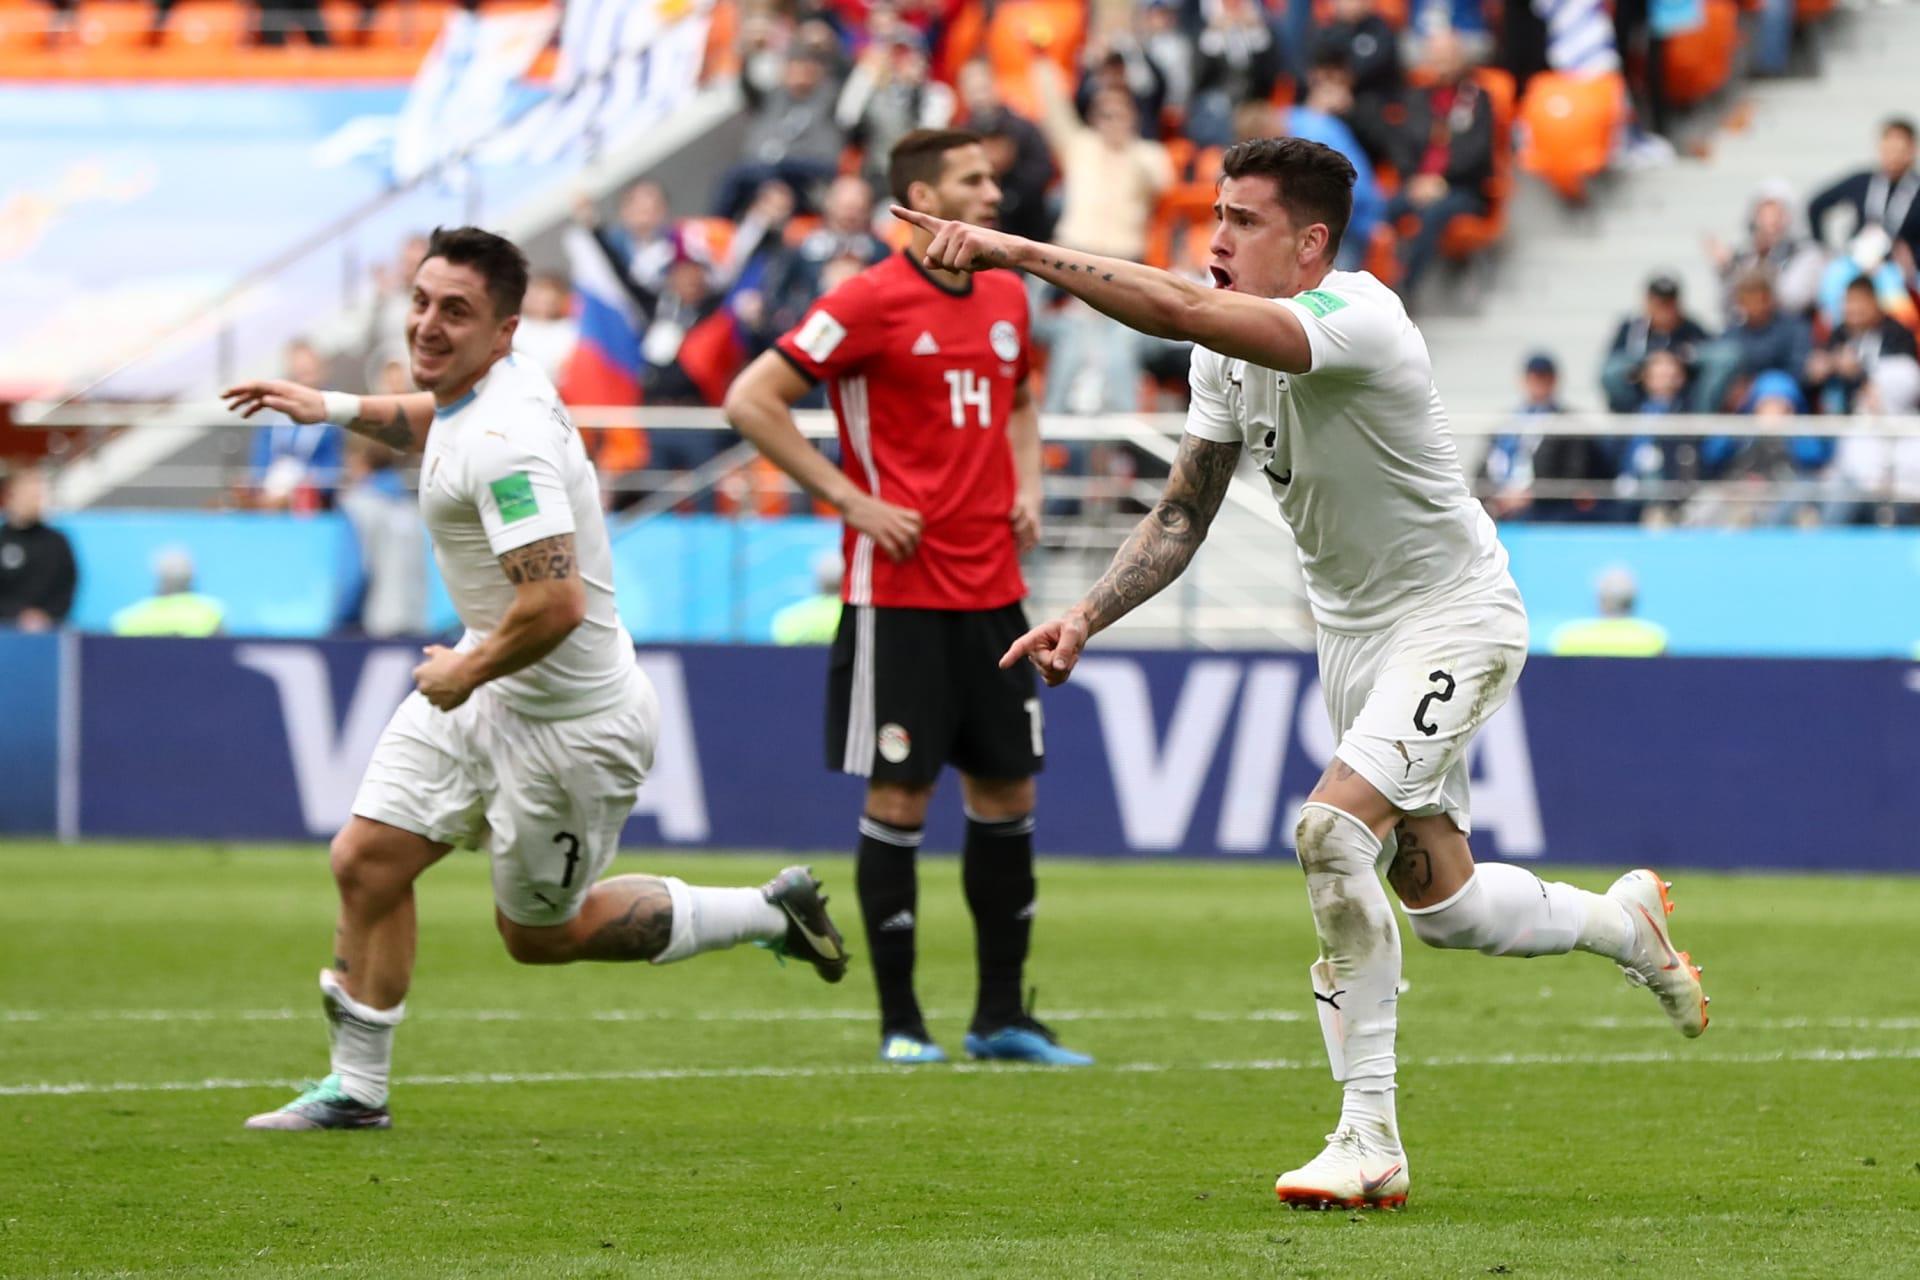 رغم الأداء البطولي.. مصر تخسر بهدف قاتل أمام الأوروغواي